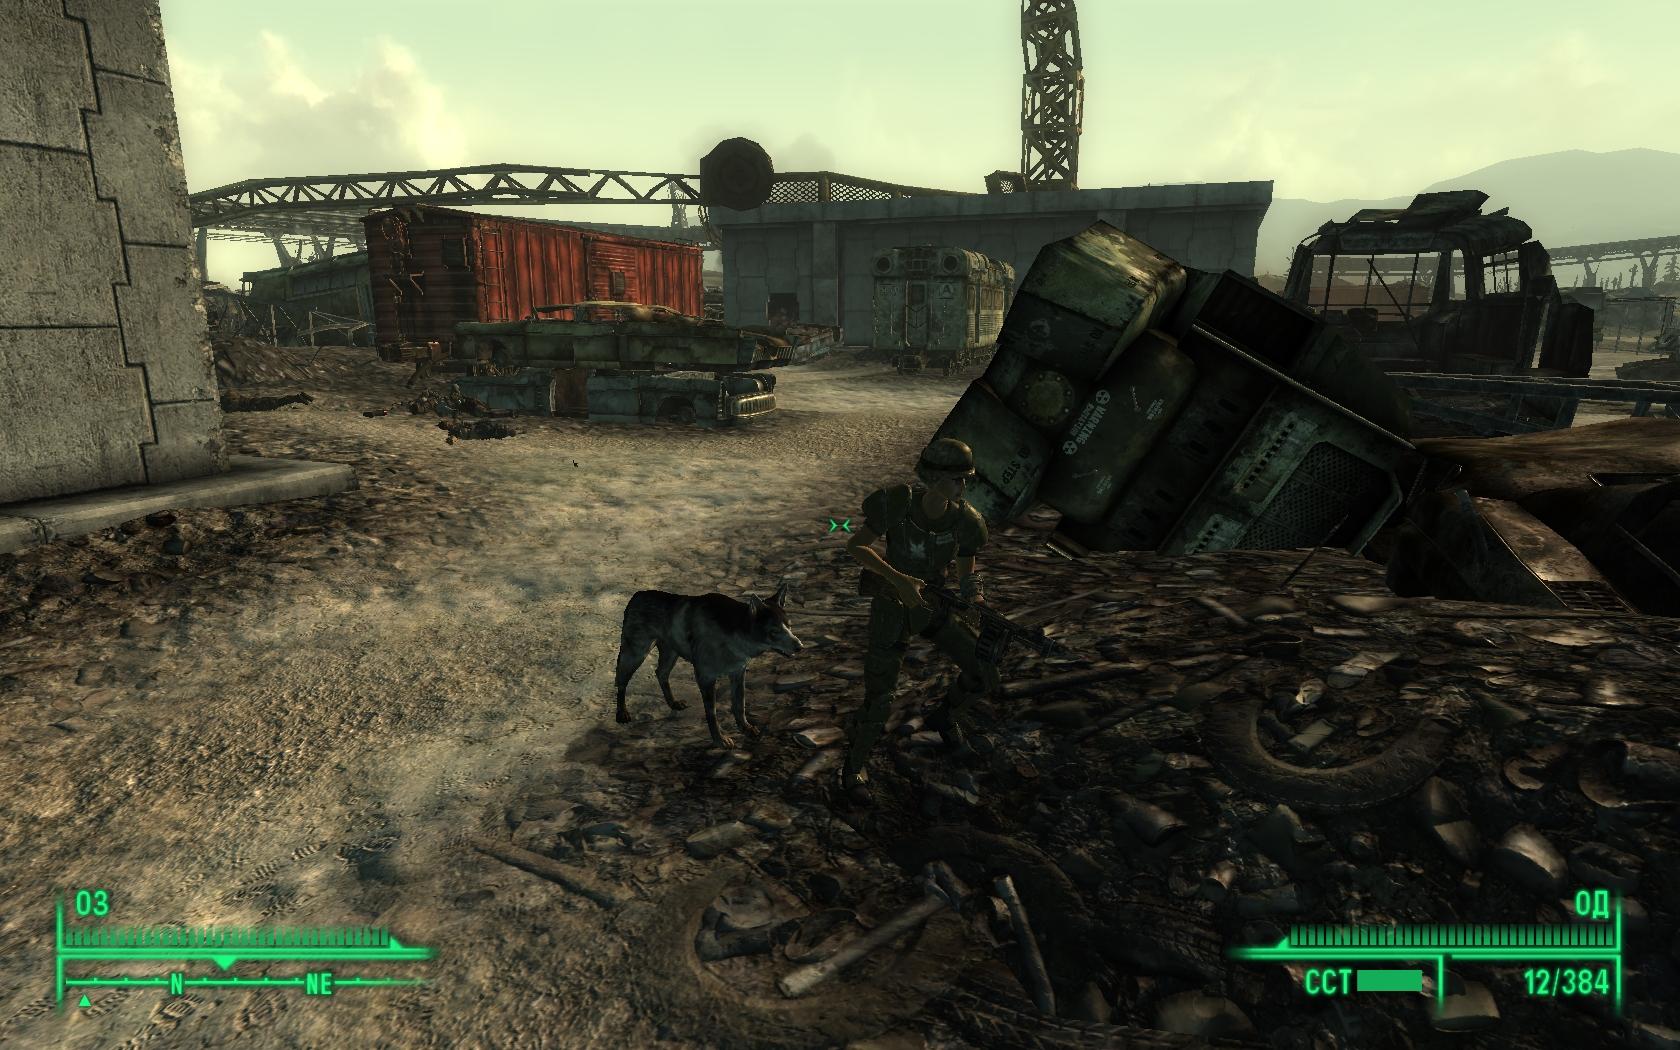 Кладбище бандитов или где я нашел собаку - Fallout 3 собака